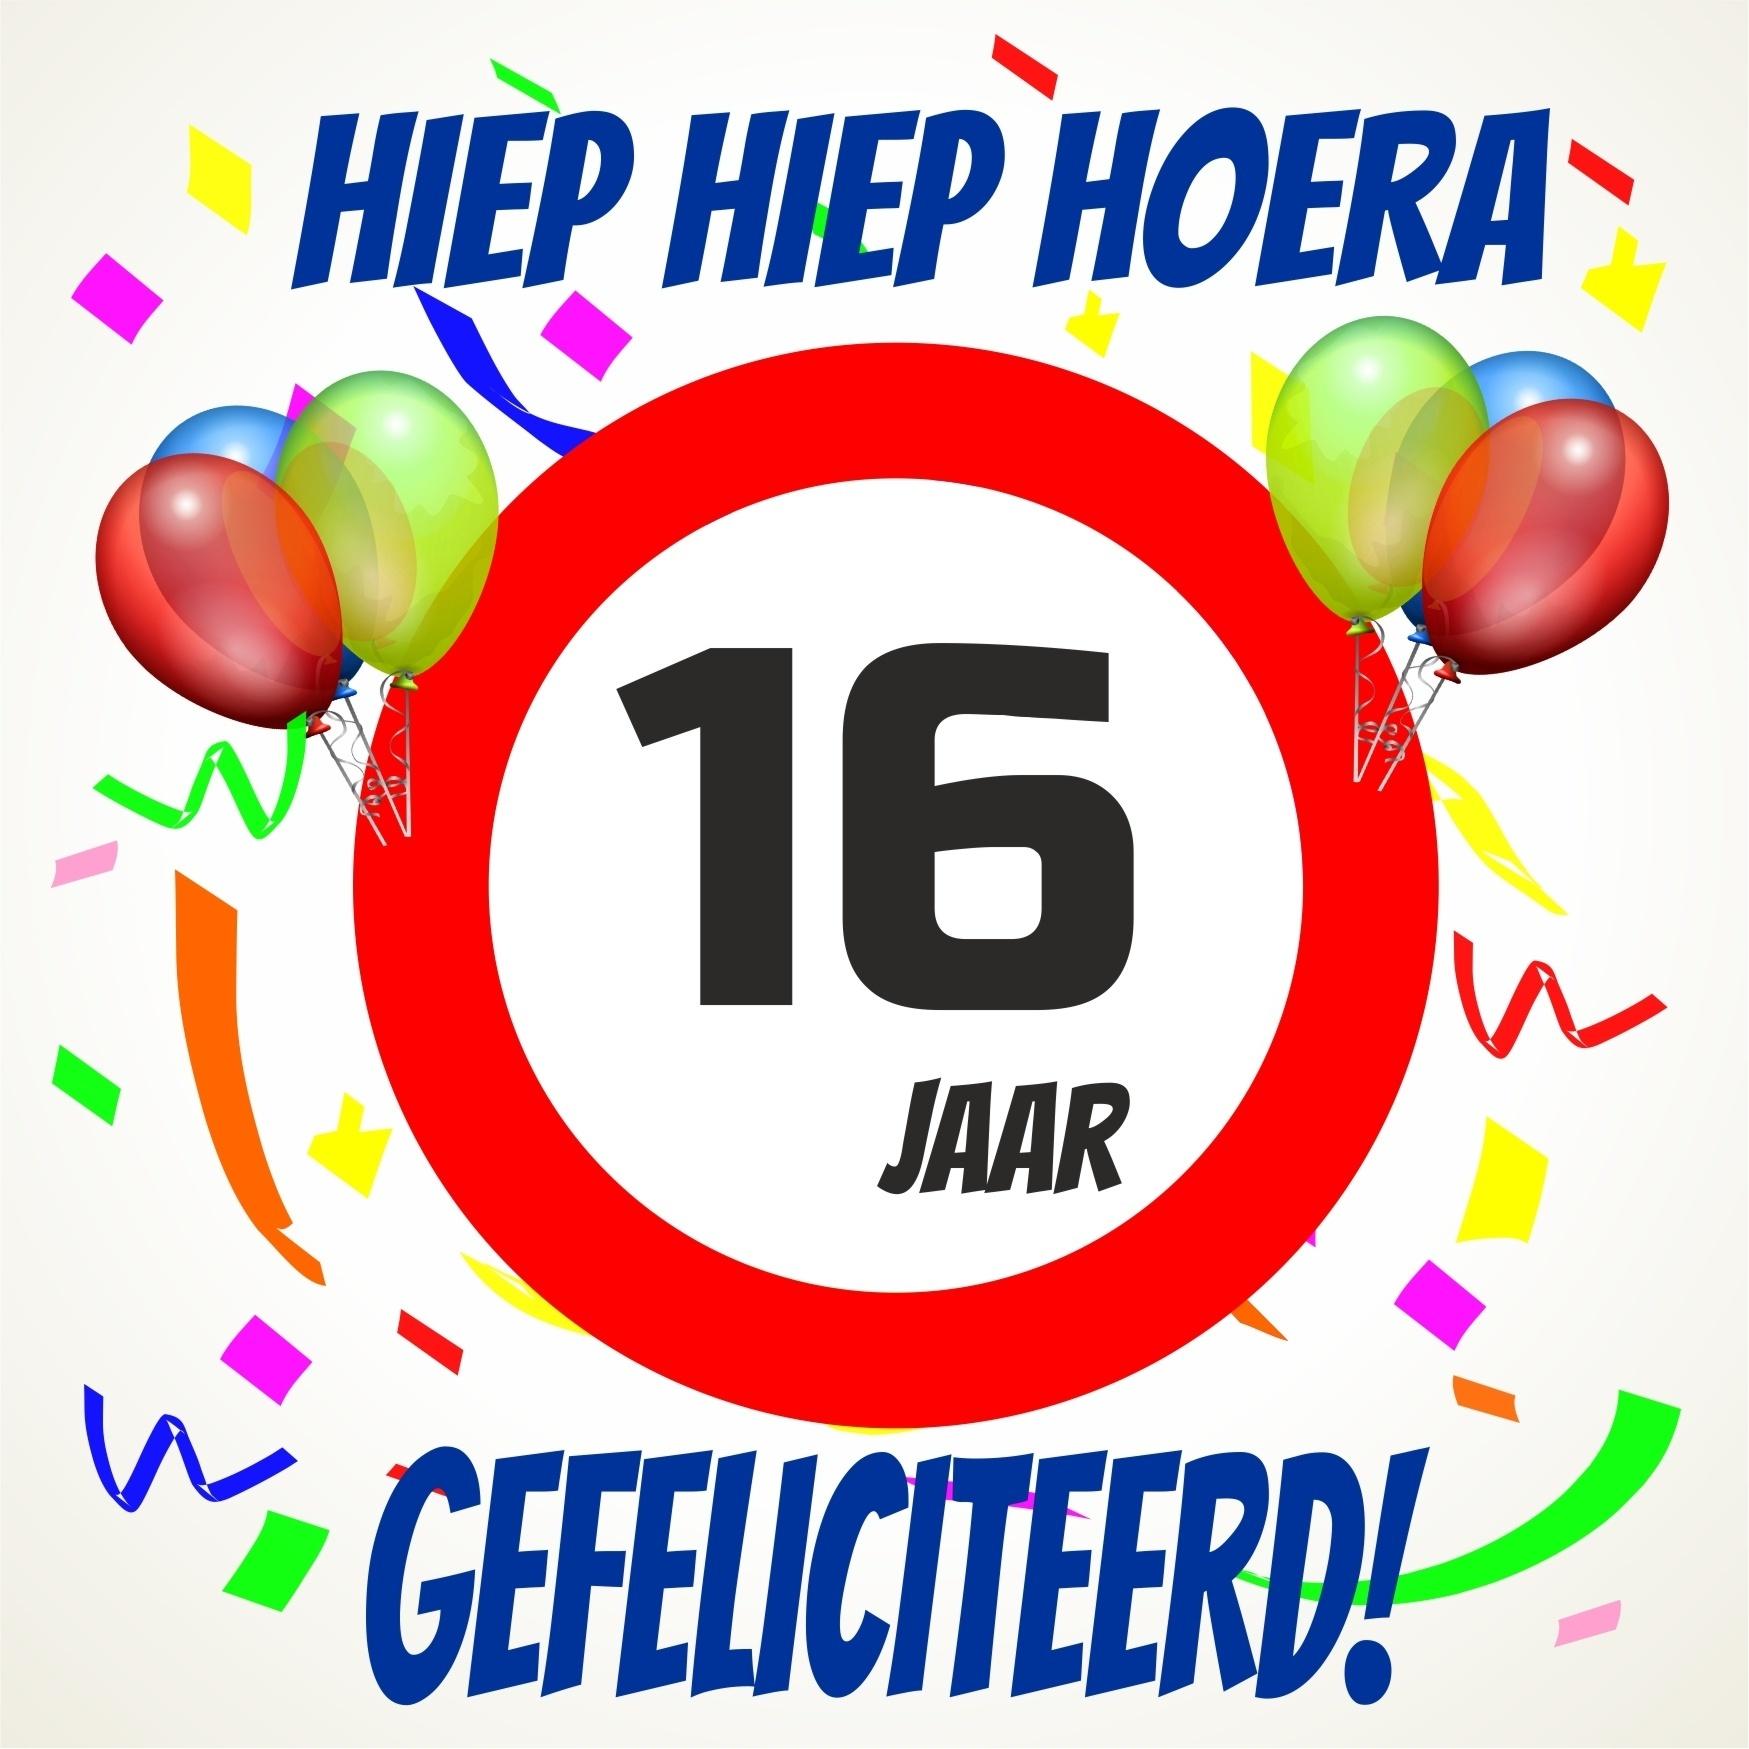 16 jaar gefeliciteerd Gefeliciteerd 16 Jaar Humor   ARCHIDEV 16 jaar gefeliciteerd